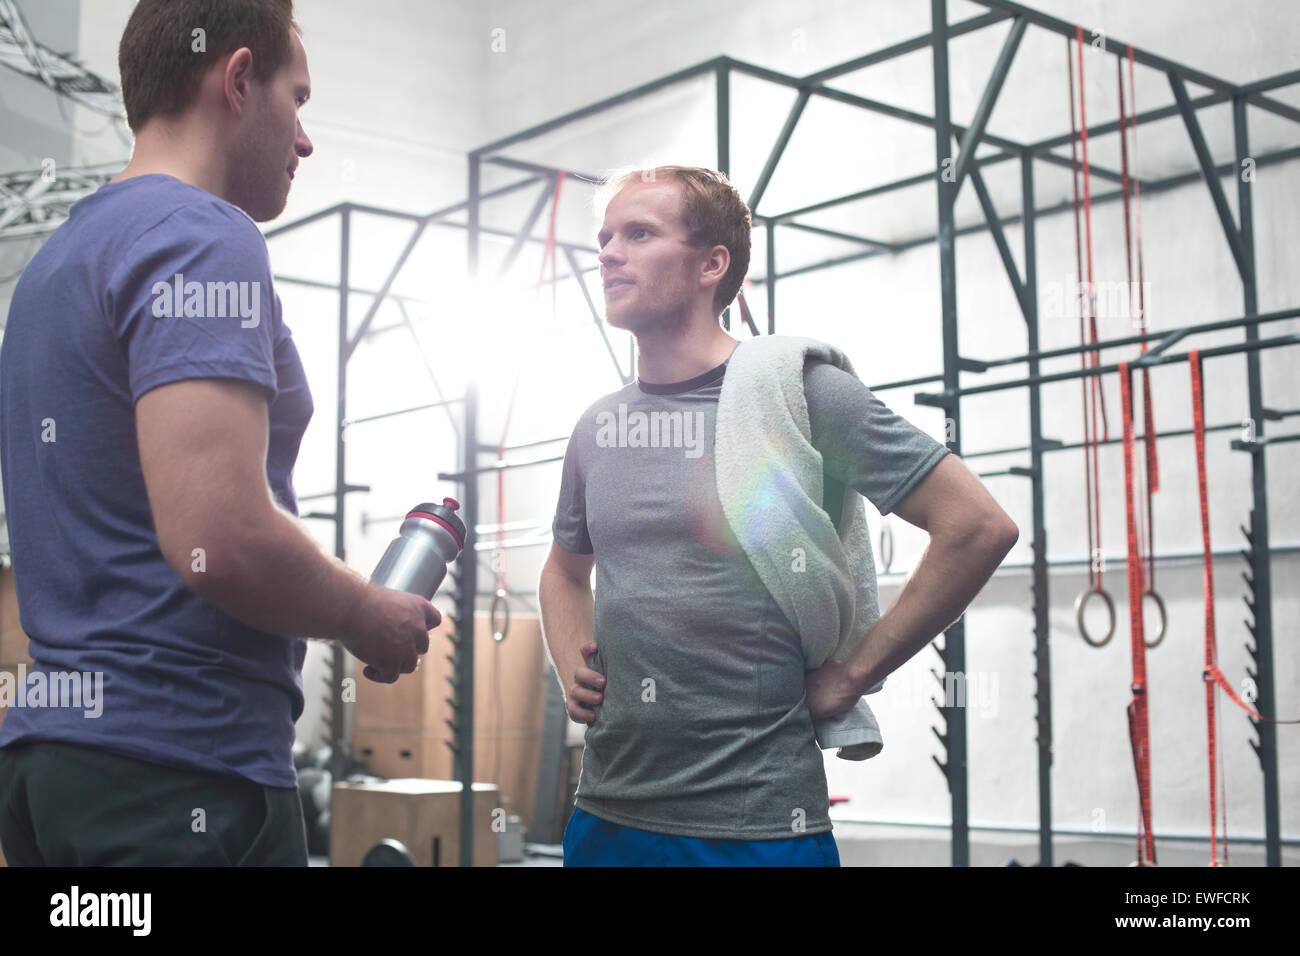 Amigos homens falar em crossfit ginásio Imagens de Stock